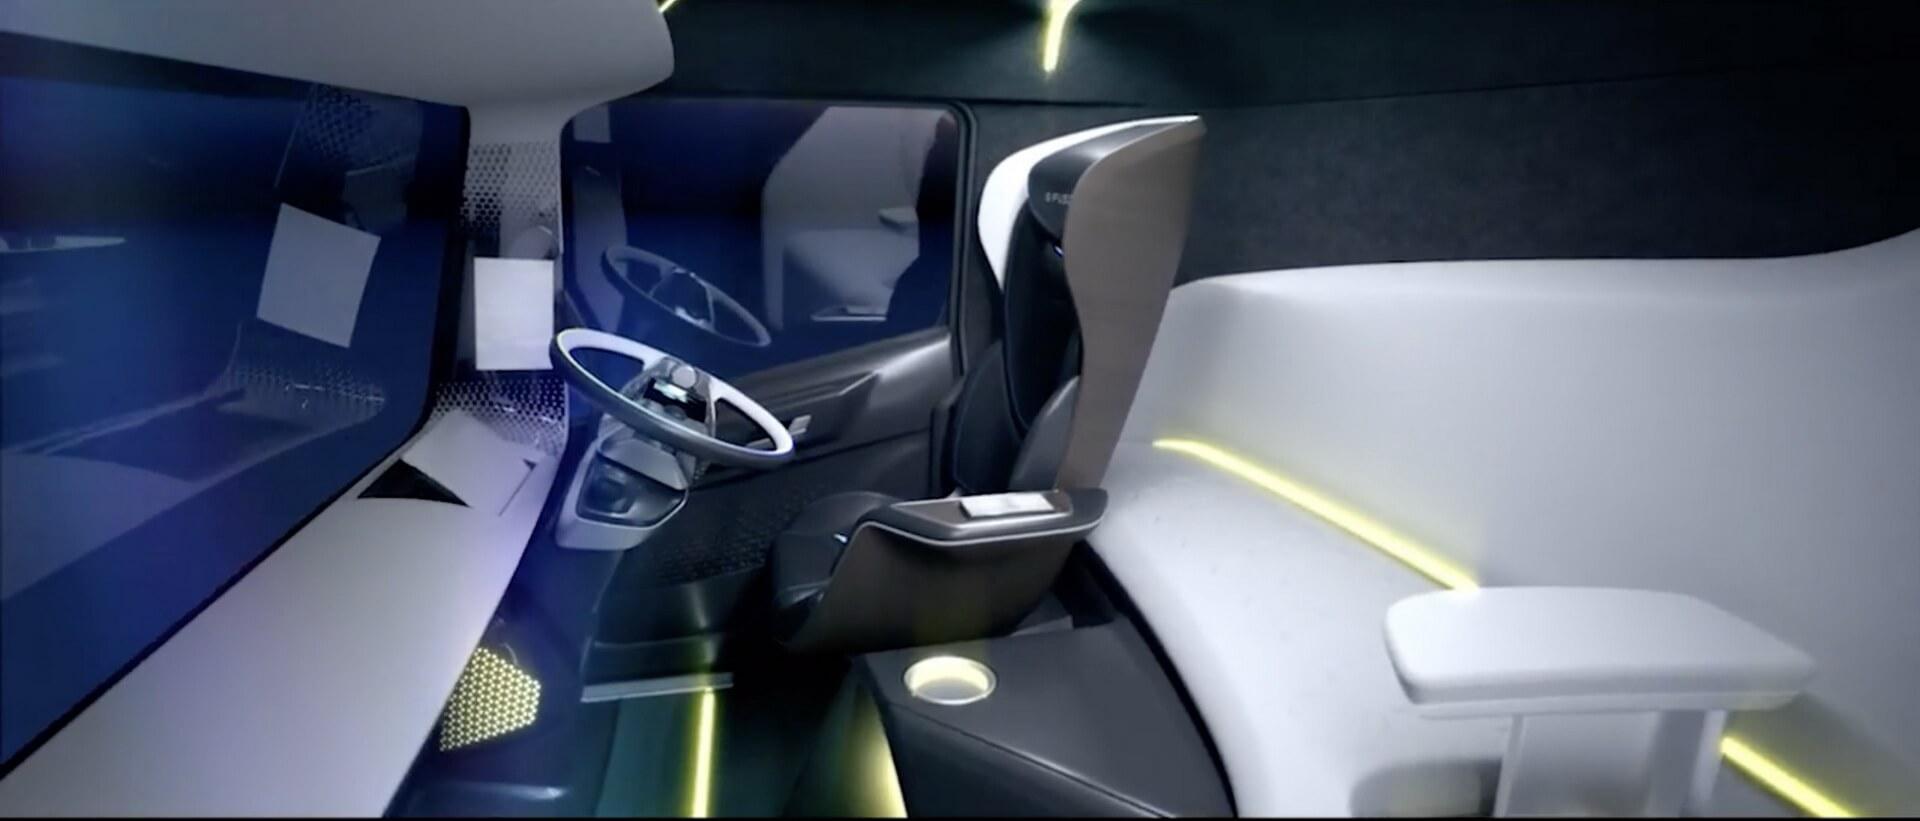 Салон электрогрузовика E-FUSO Vision One